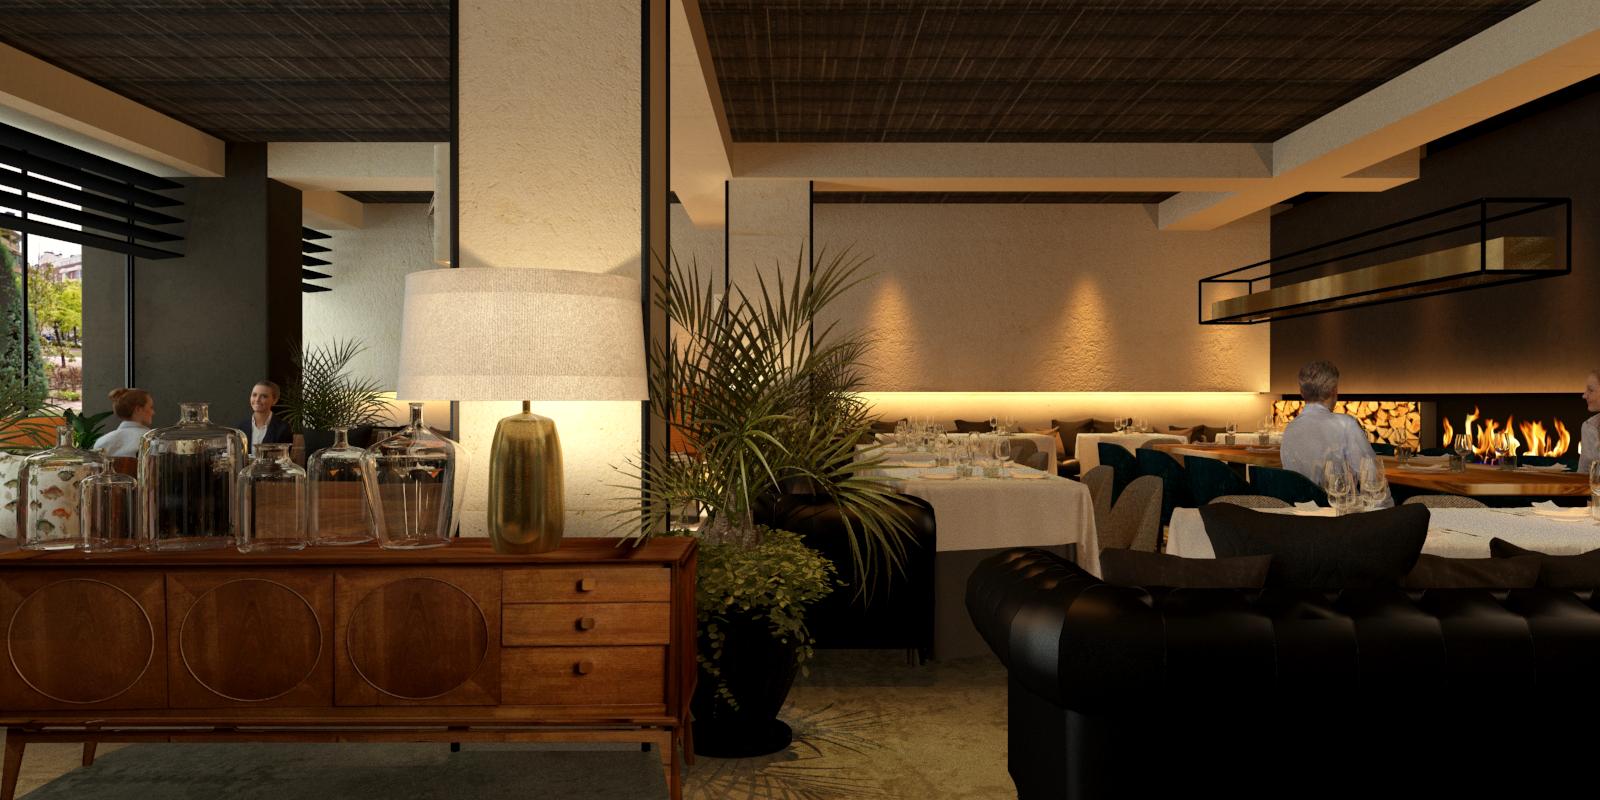 Estudio q arquitectos restaurante taramara - Estudio 3 arquitectos ...